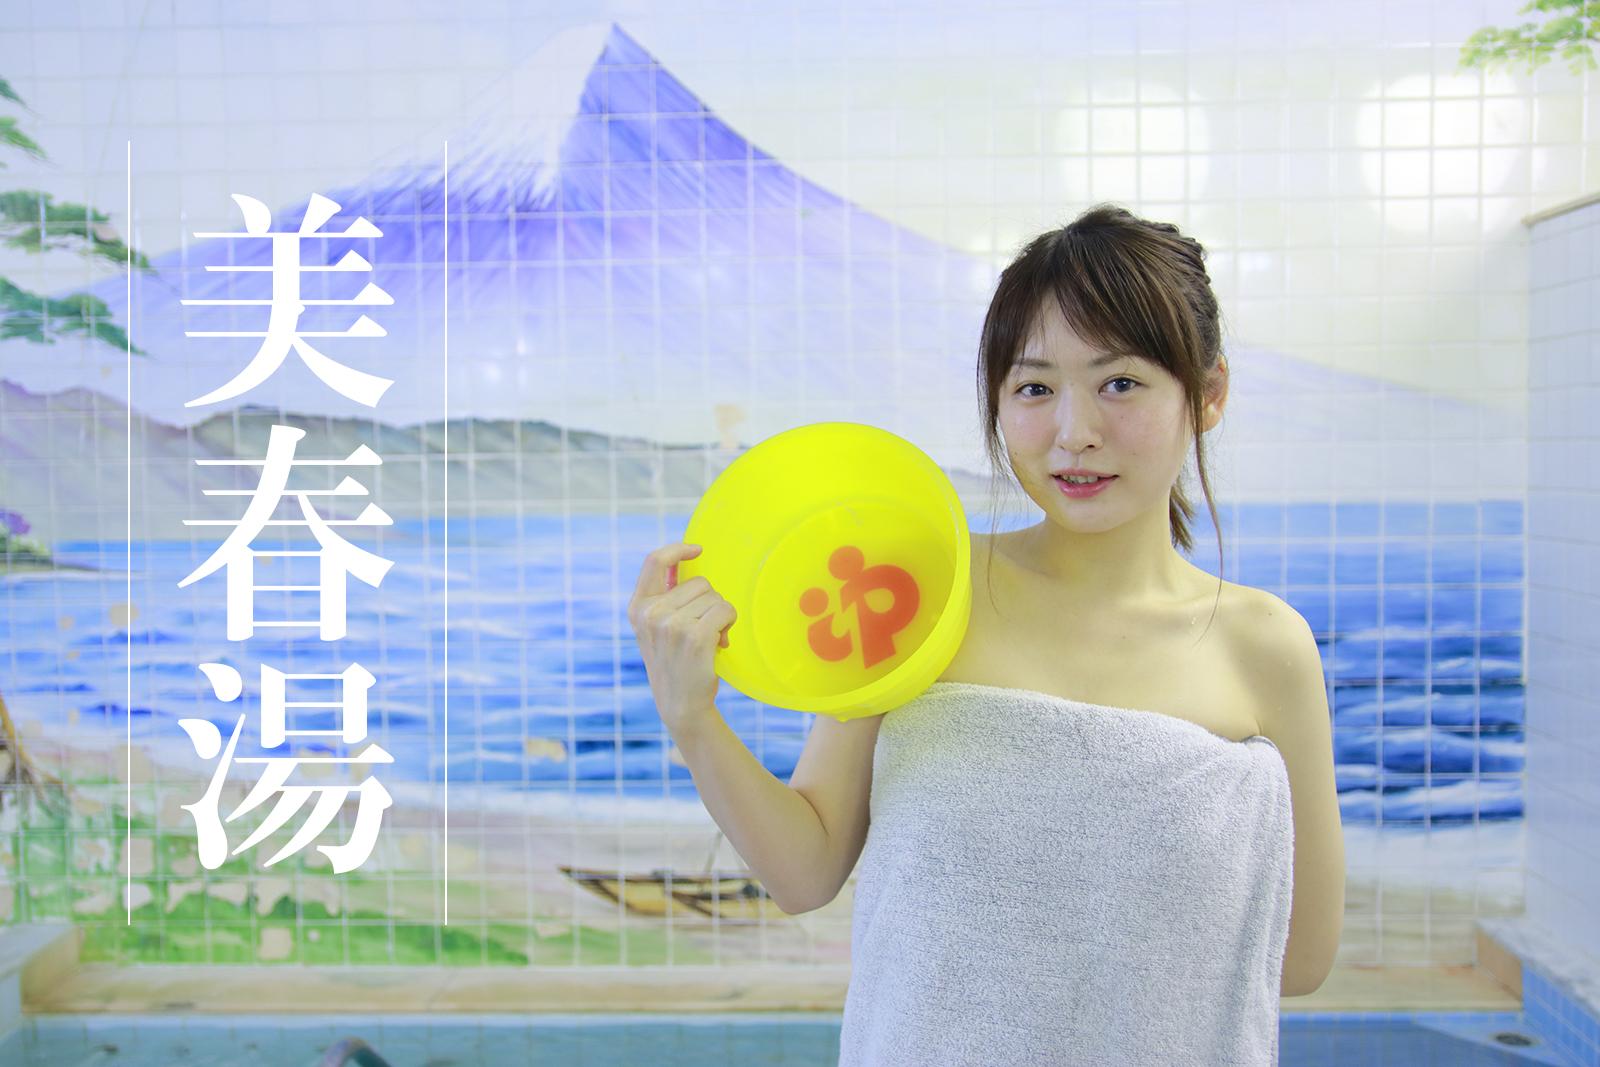 札幌白石の銭湯「美春湯」に入ってみた!貴重な家族風呂も体験